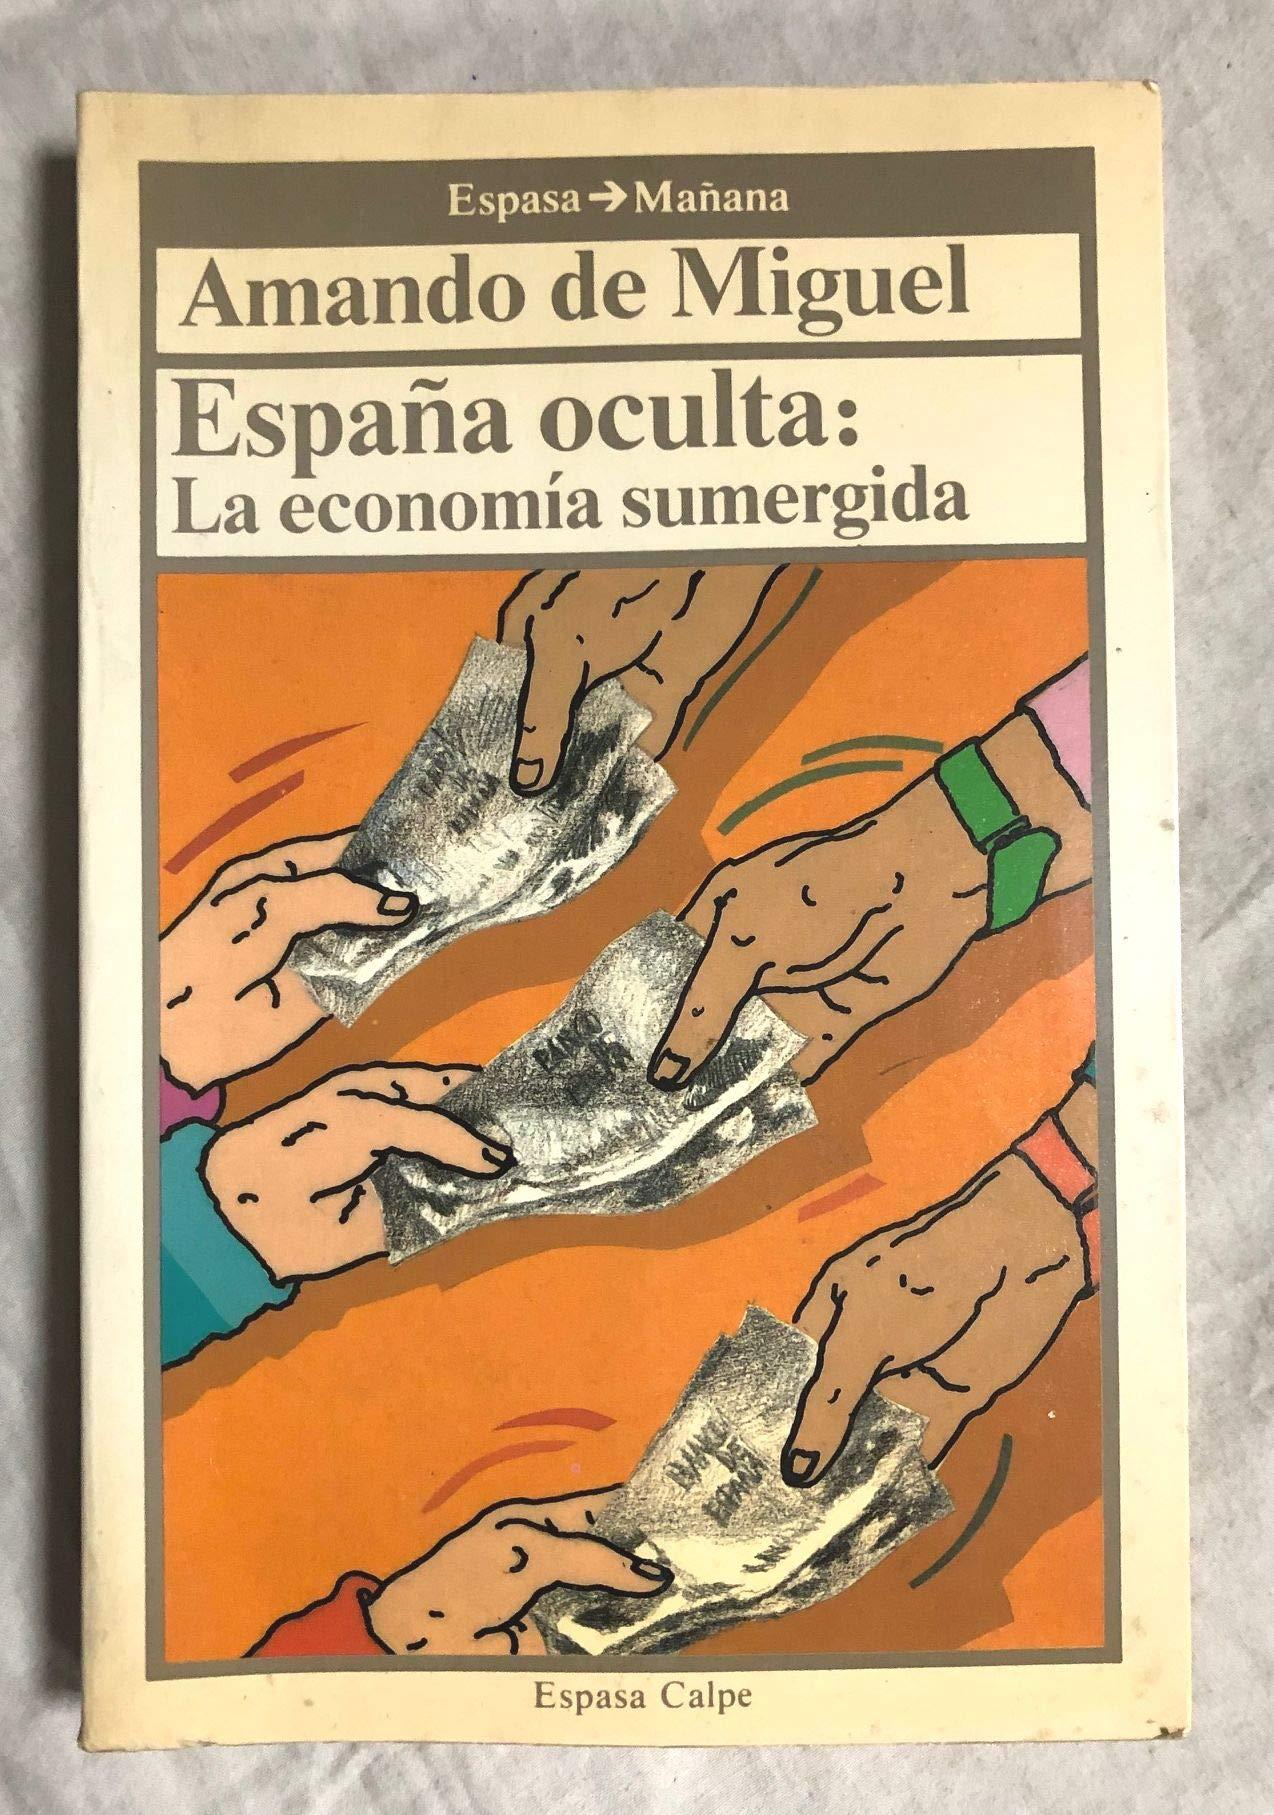 España oculta.la economia sumergida Espasa mañana. Serie Ensayo ...